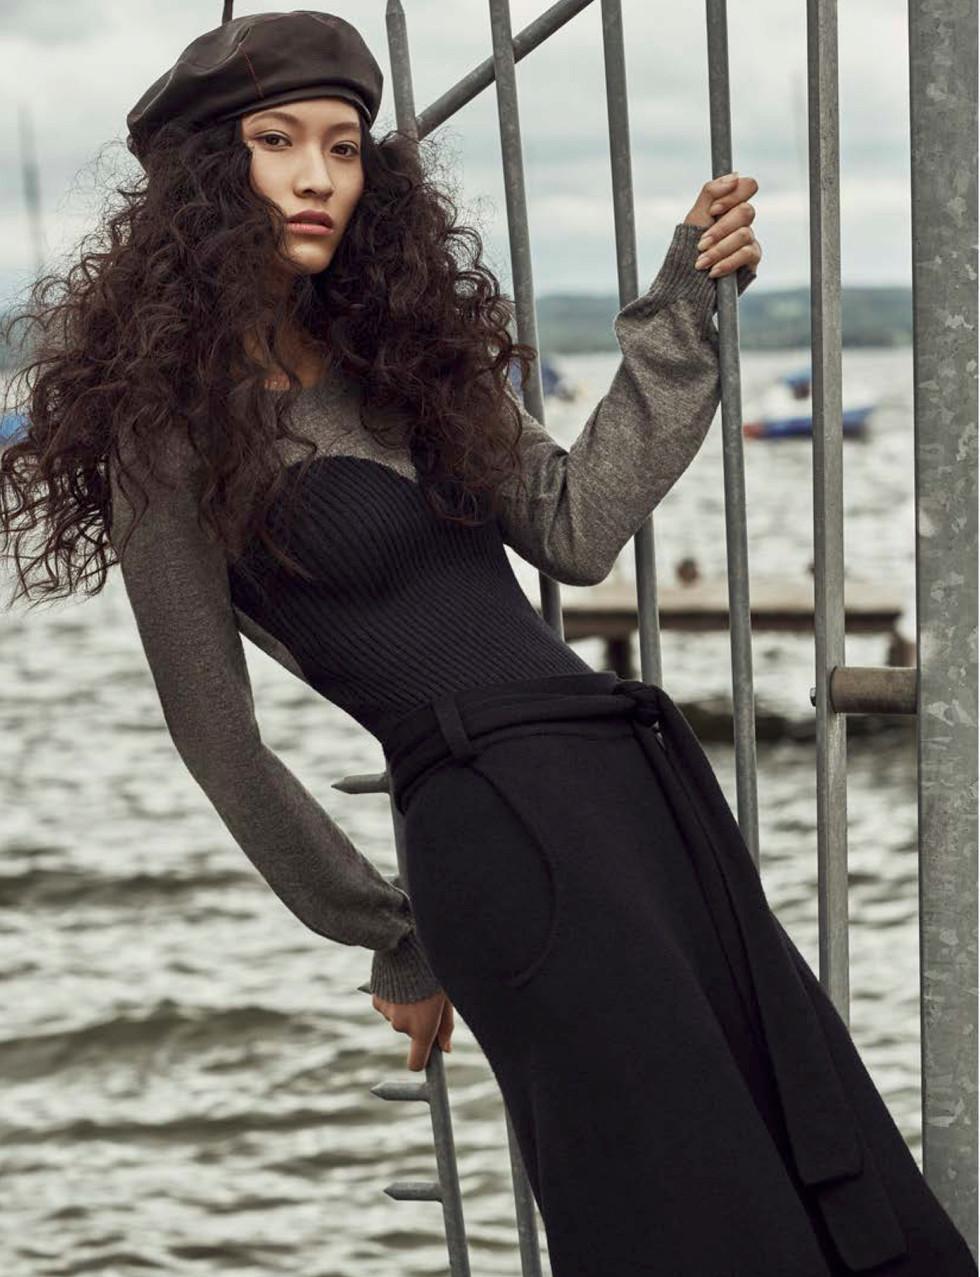 Styling Eco Fashion Sustainable